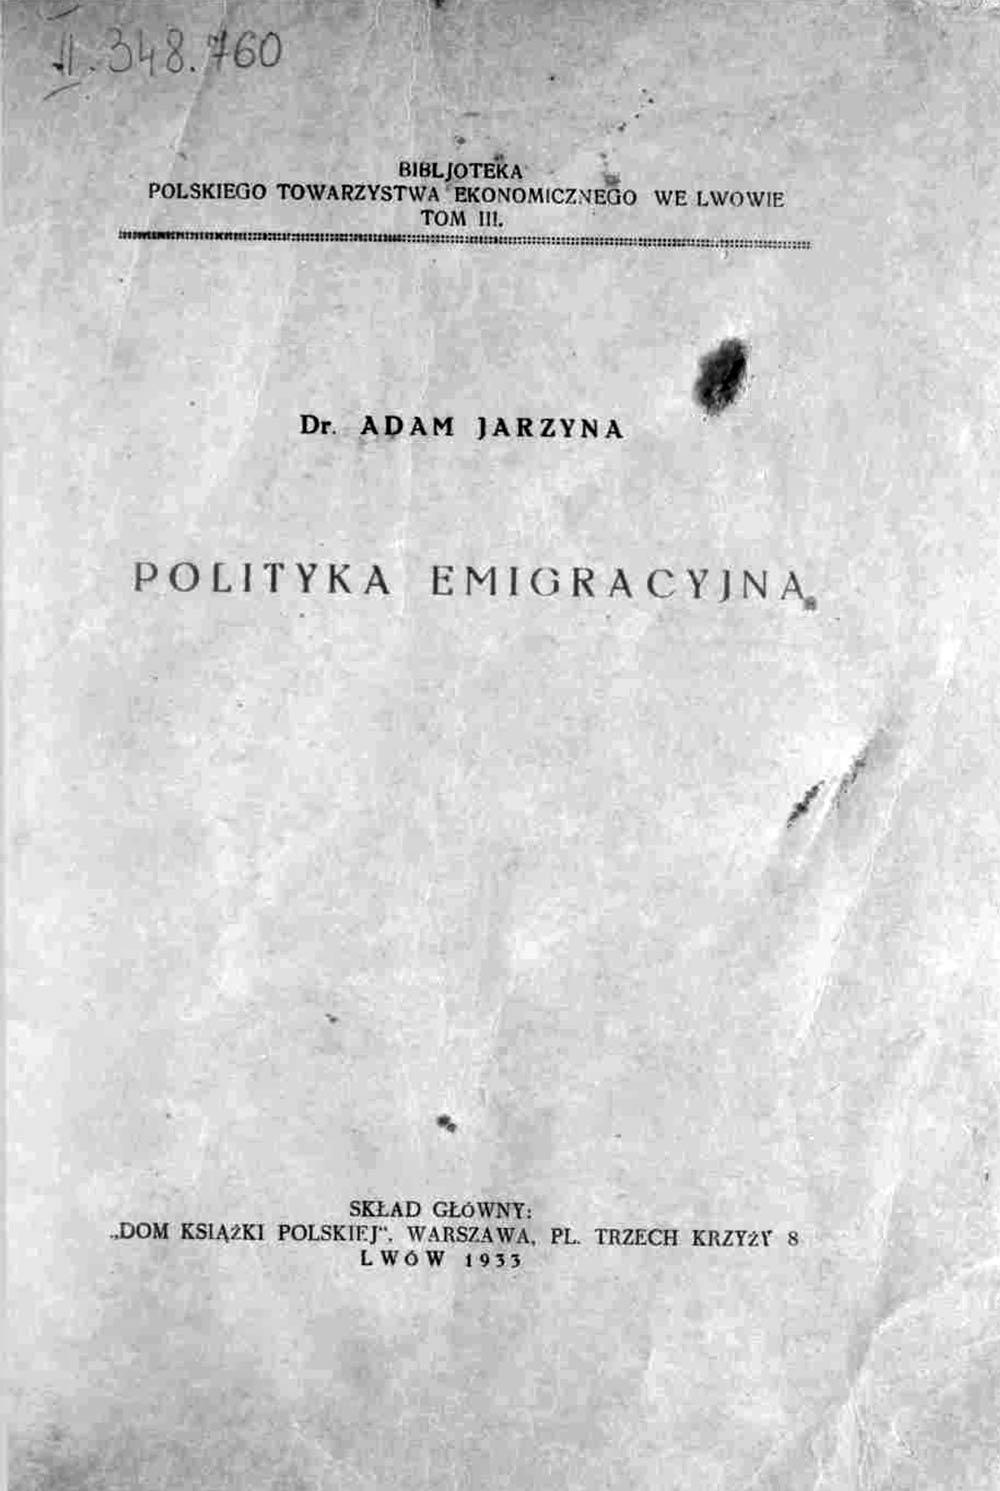 Polityka emigracyjna / Adam Jarzyna. - Lwów, 1933